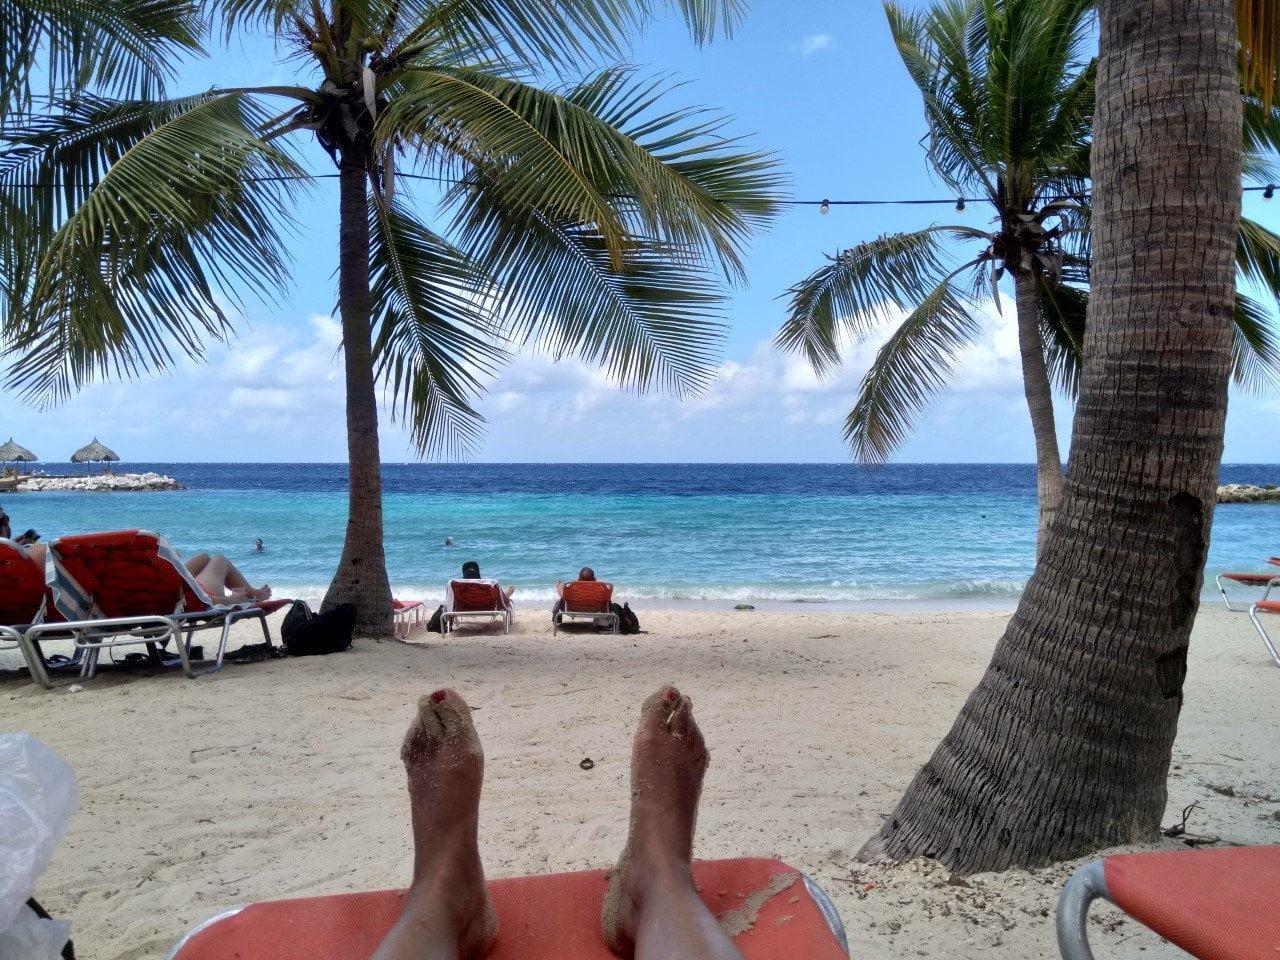 Curaçaoheeft veel prachtige stranden vooral aan de zuidelijke kant van het eiland.